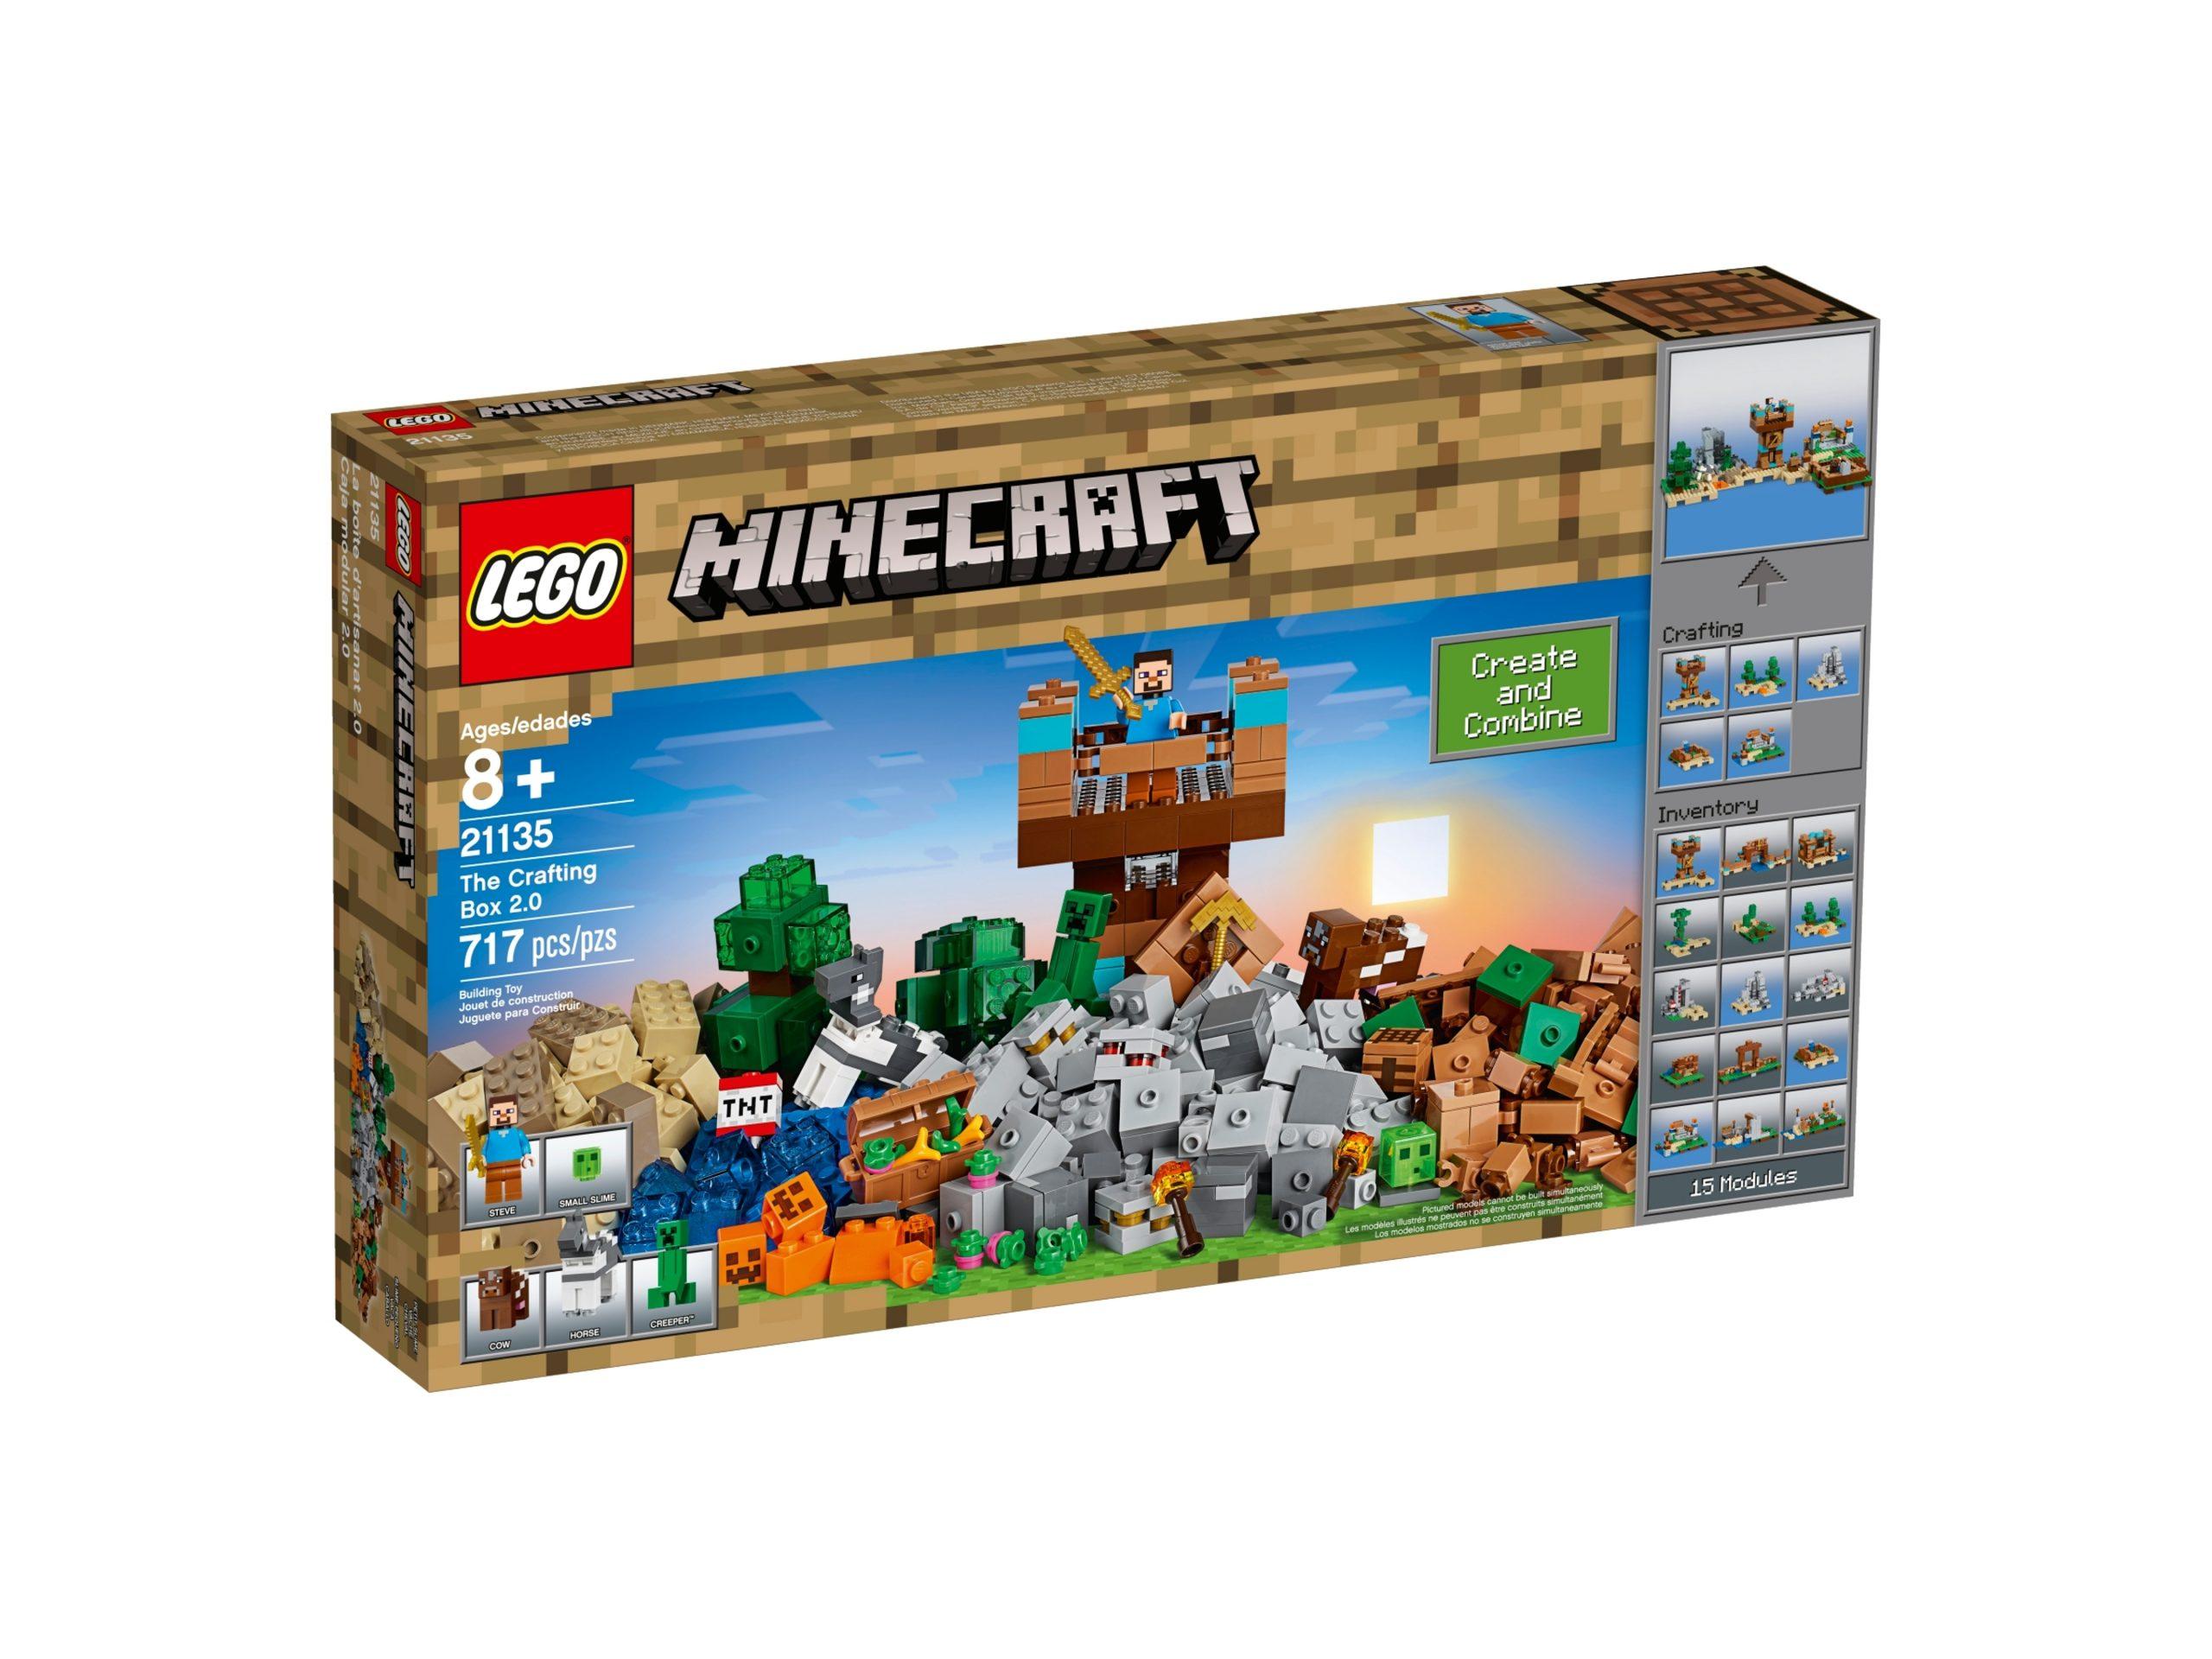 lego 21135 crafting box 2 0 scaled